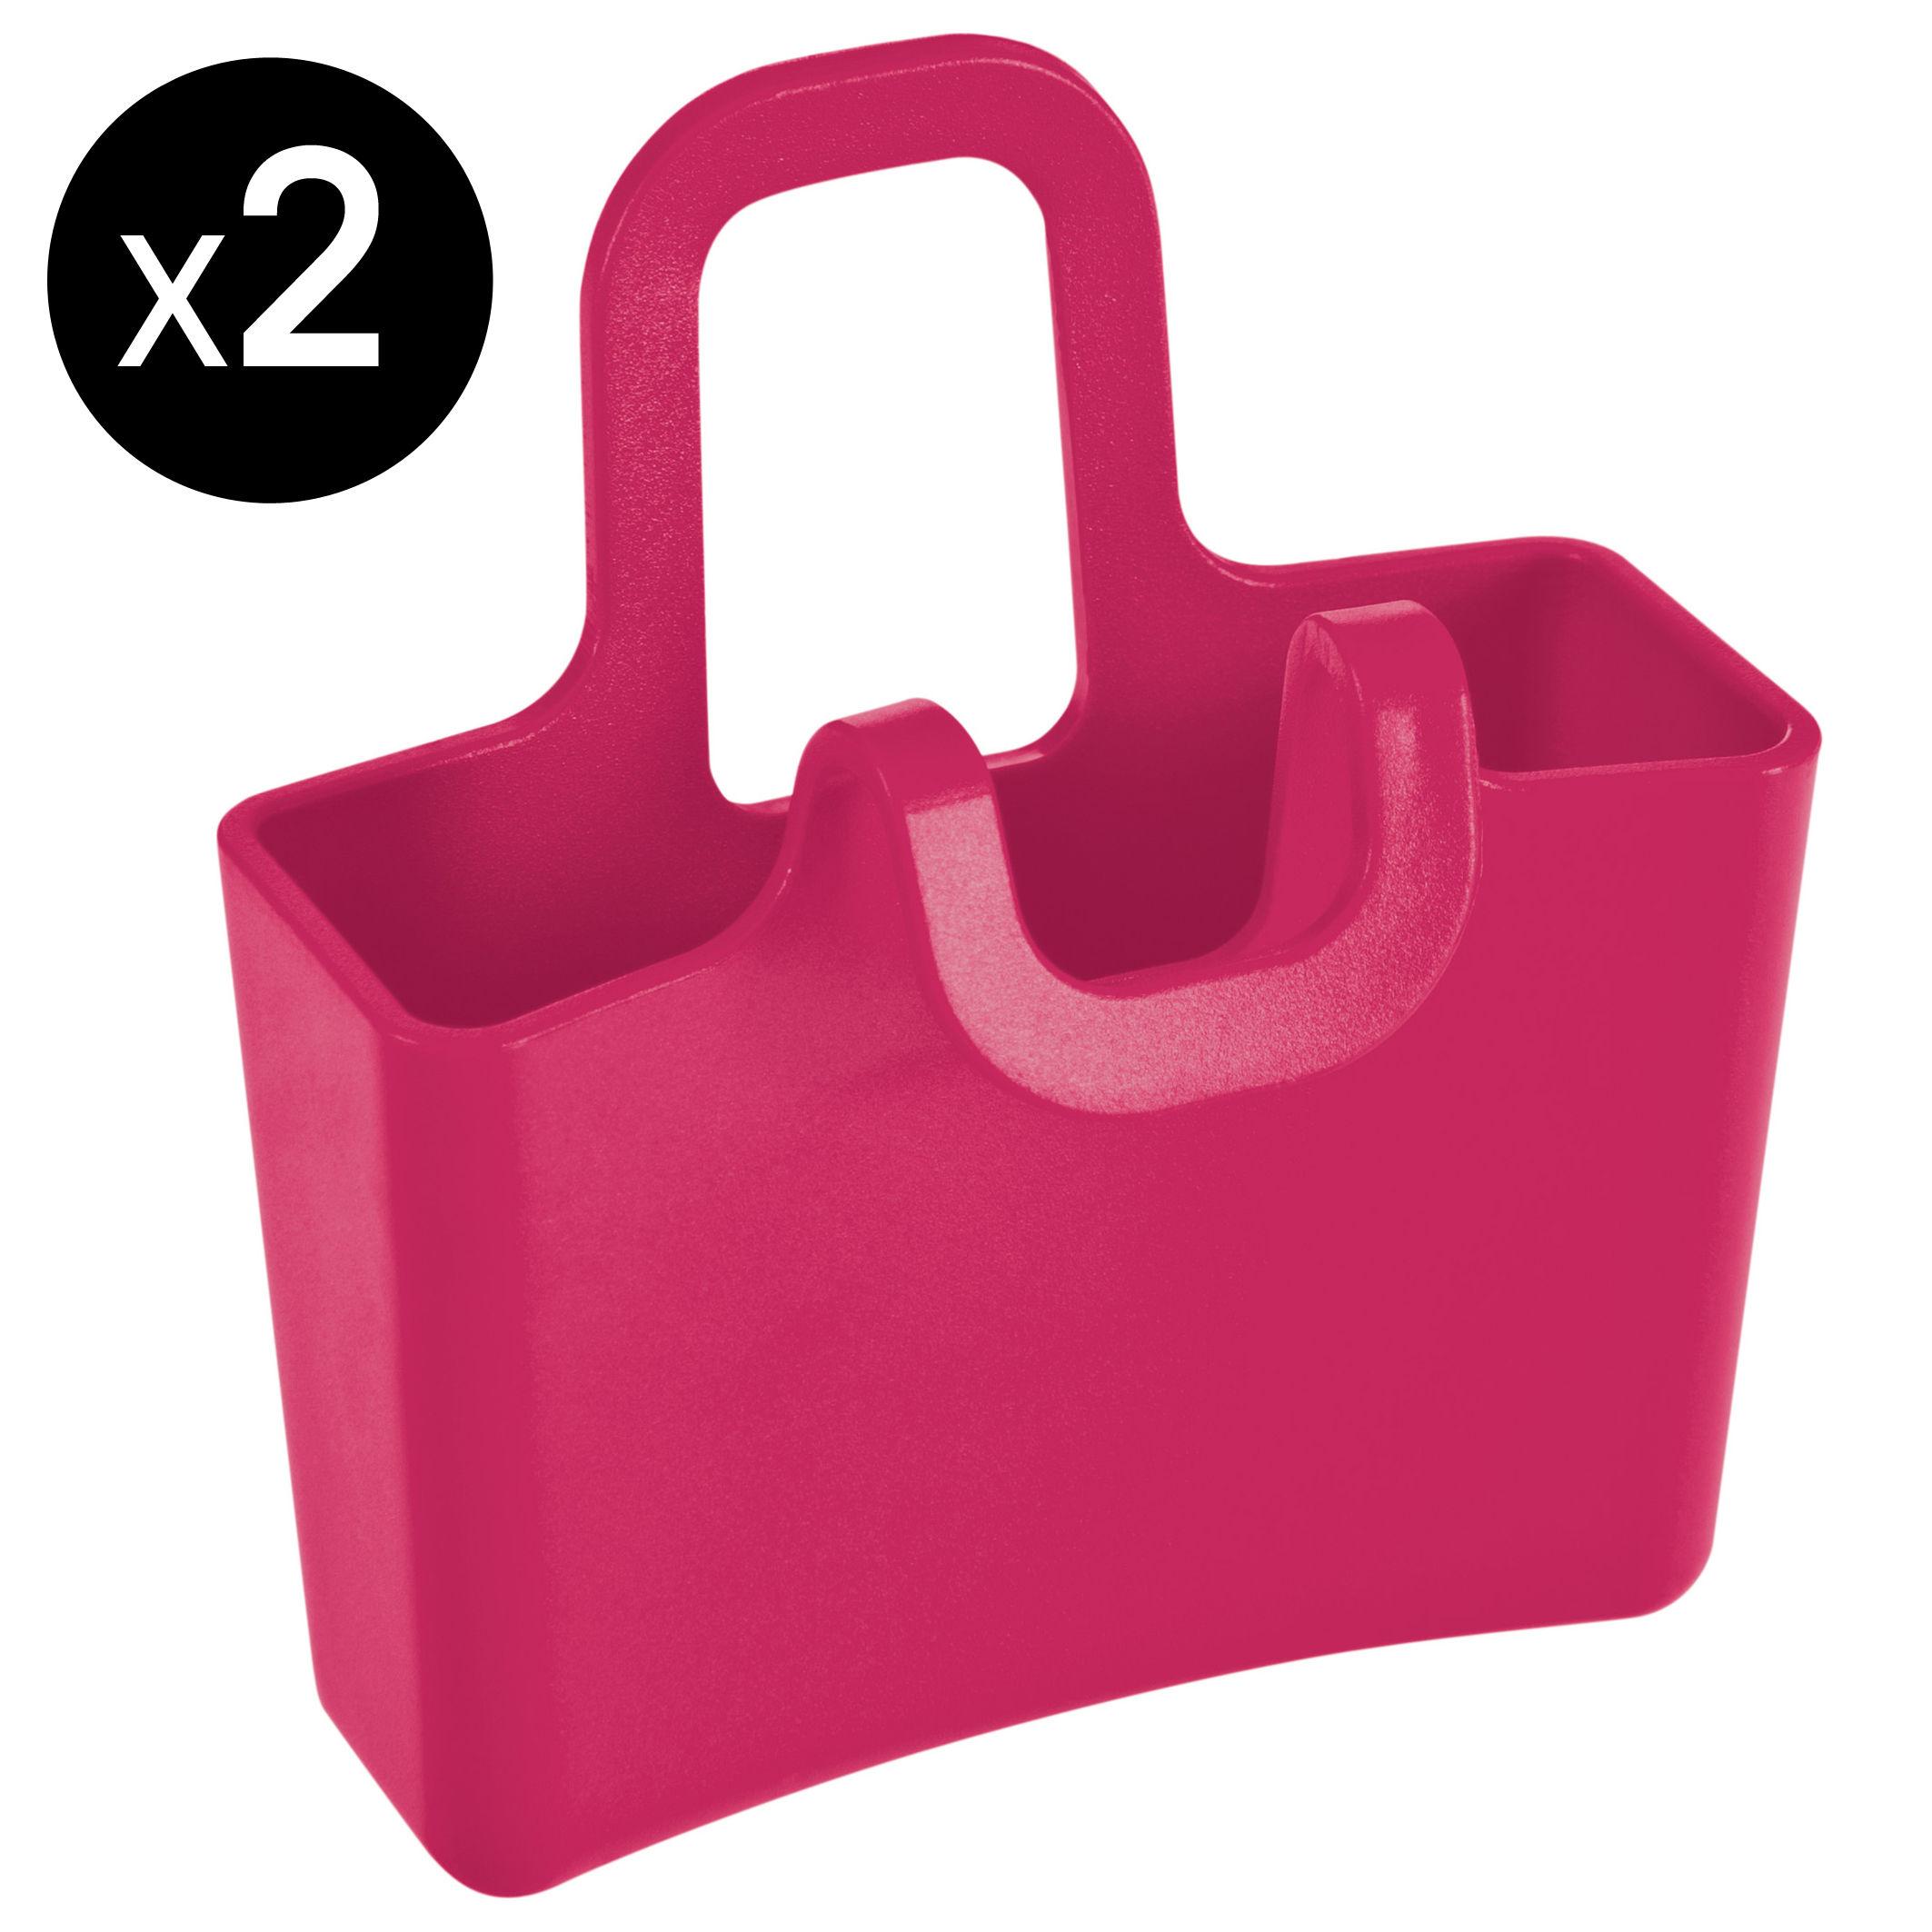 Cuisine - Pratique & malin - Porte-sachet de thé Lilli / Lot de 2 mini pochettes à suspendre - Koziol - Rouge framboise opaque - Matière plastique